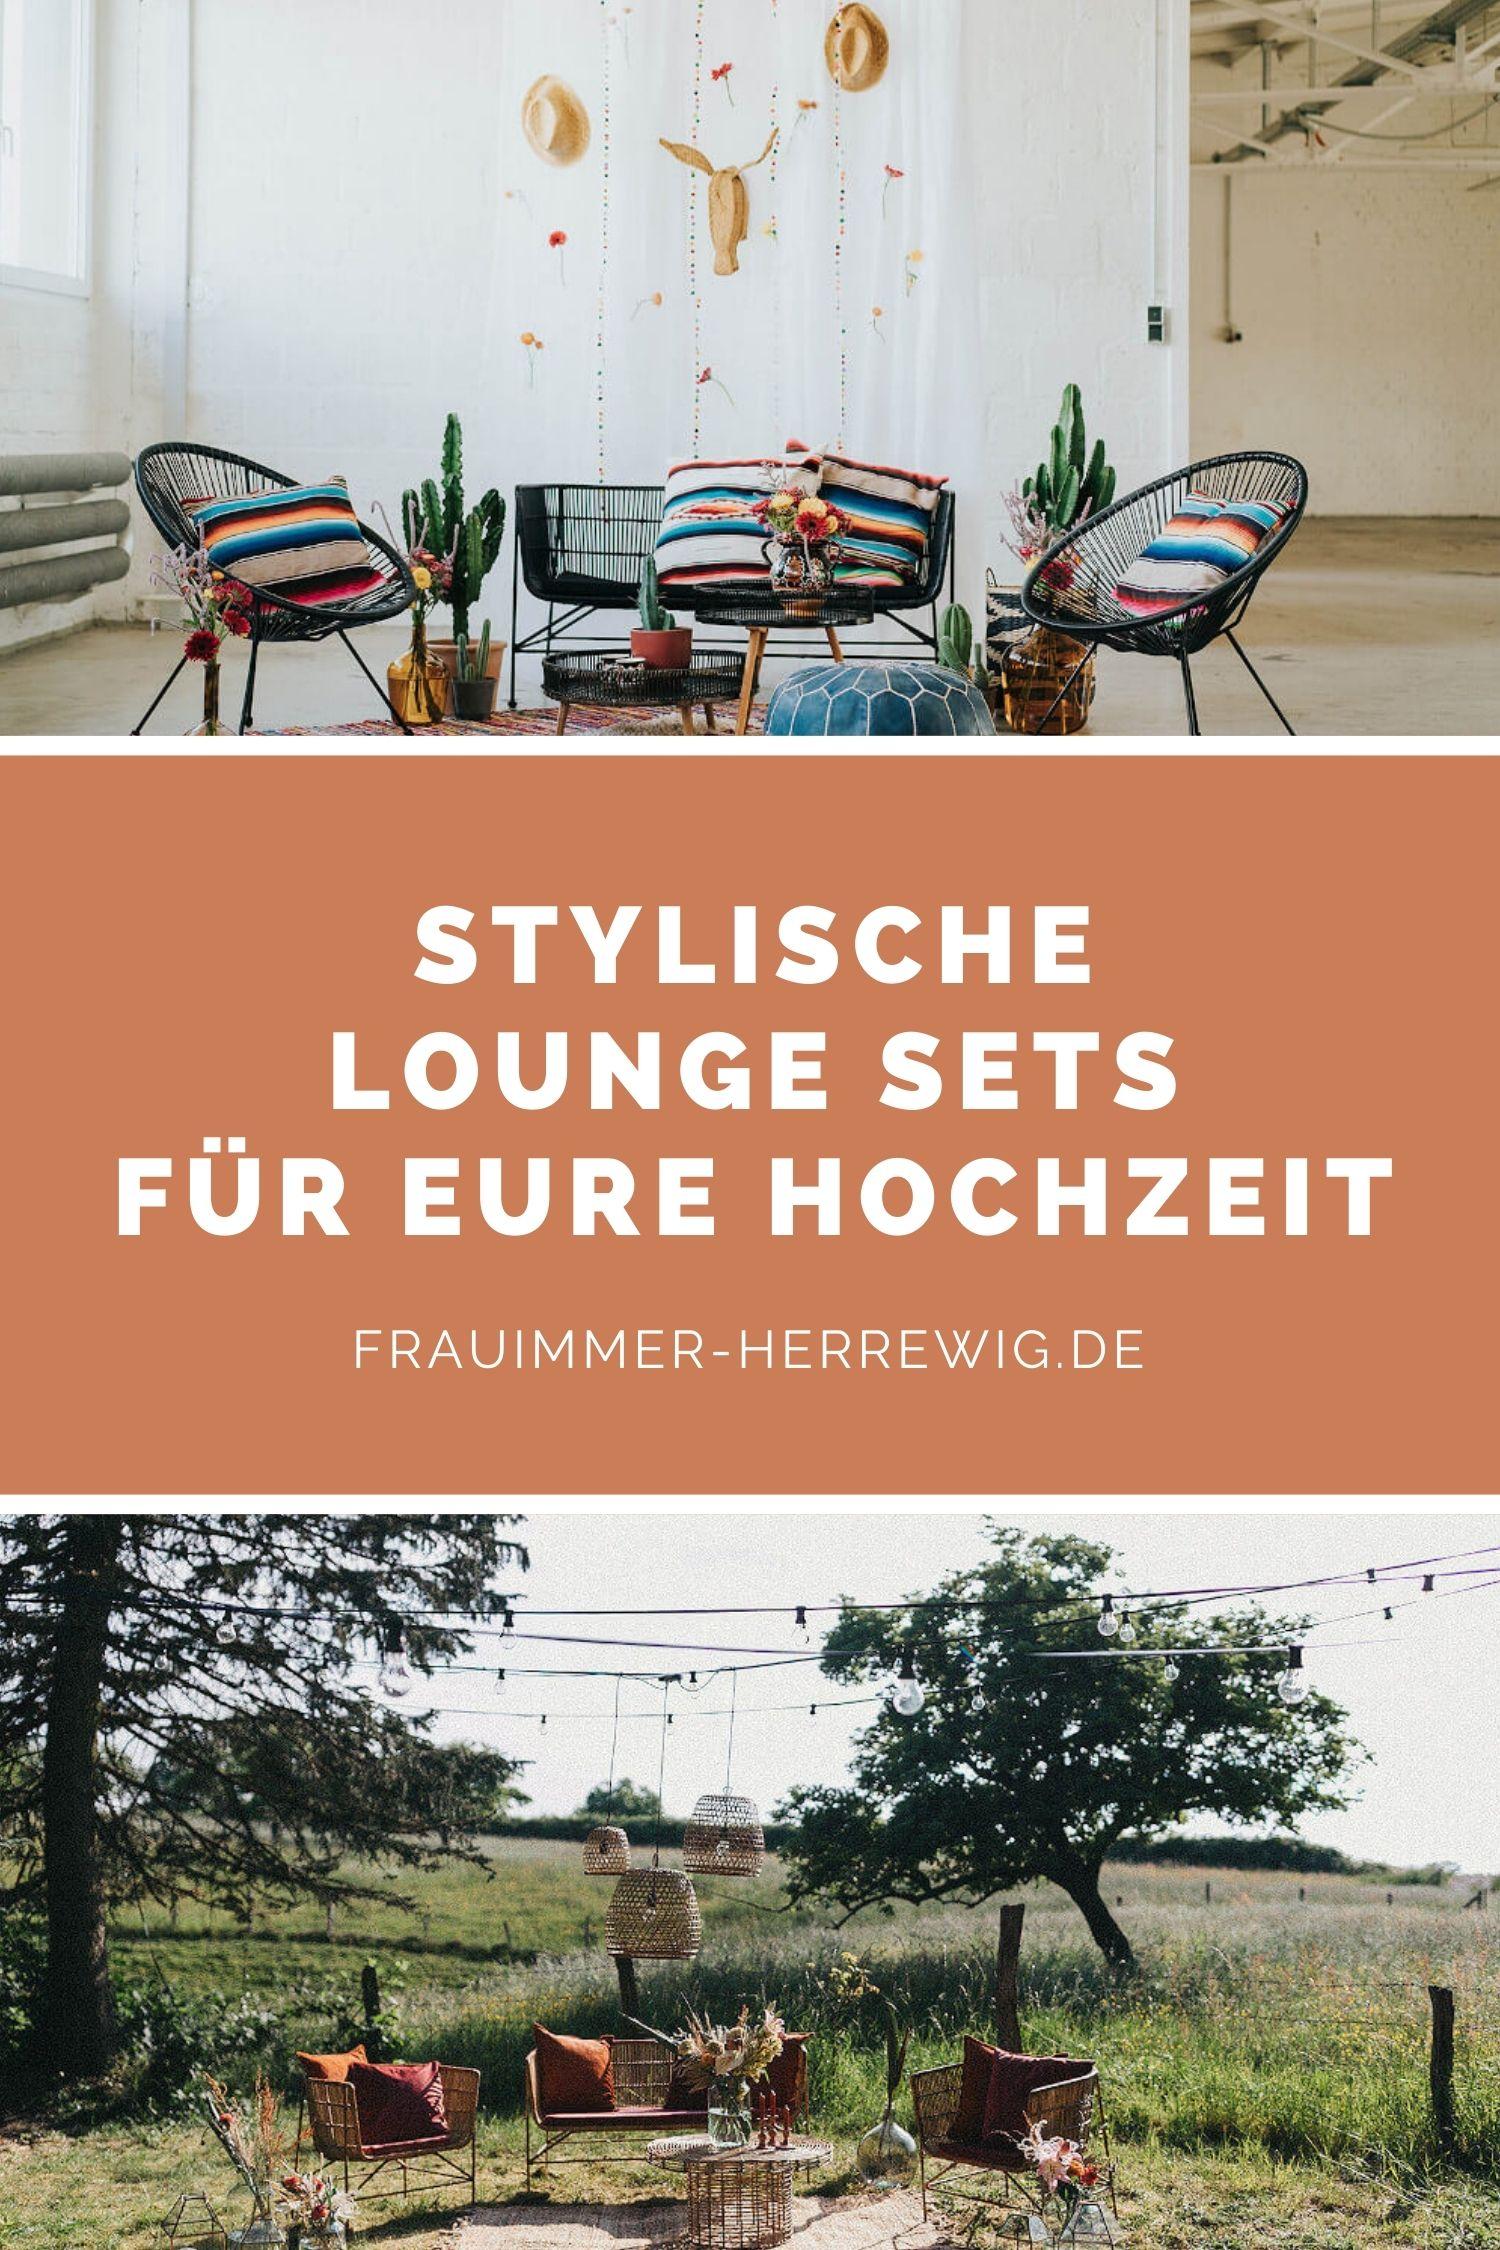 Lounge sets hochzeit – gesehen bei frauimmer-herrewig.de